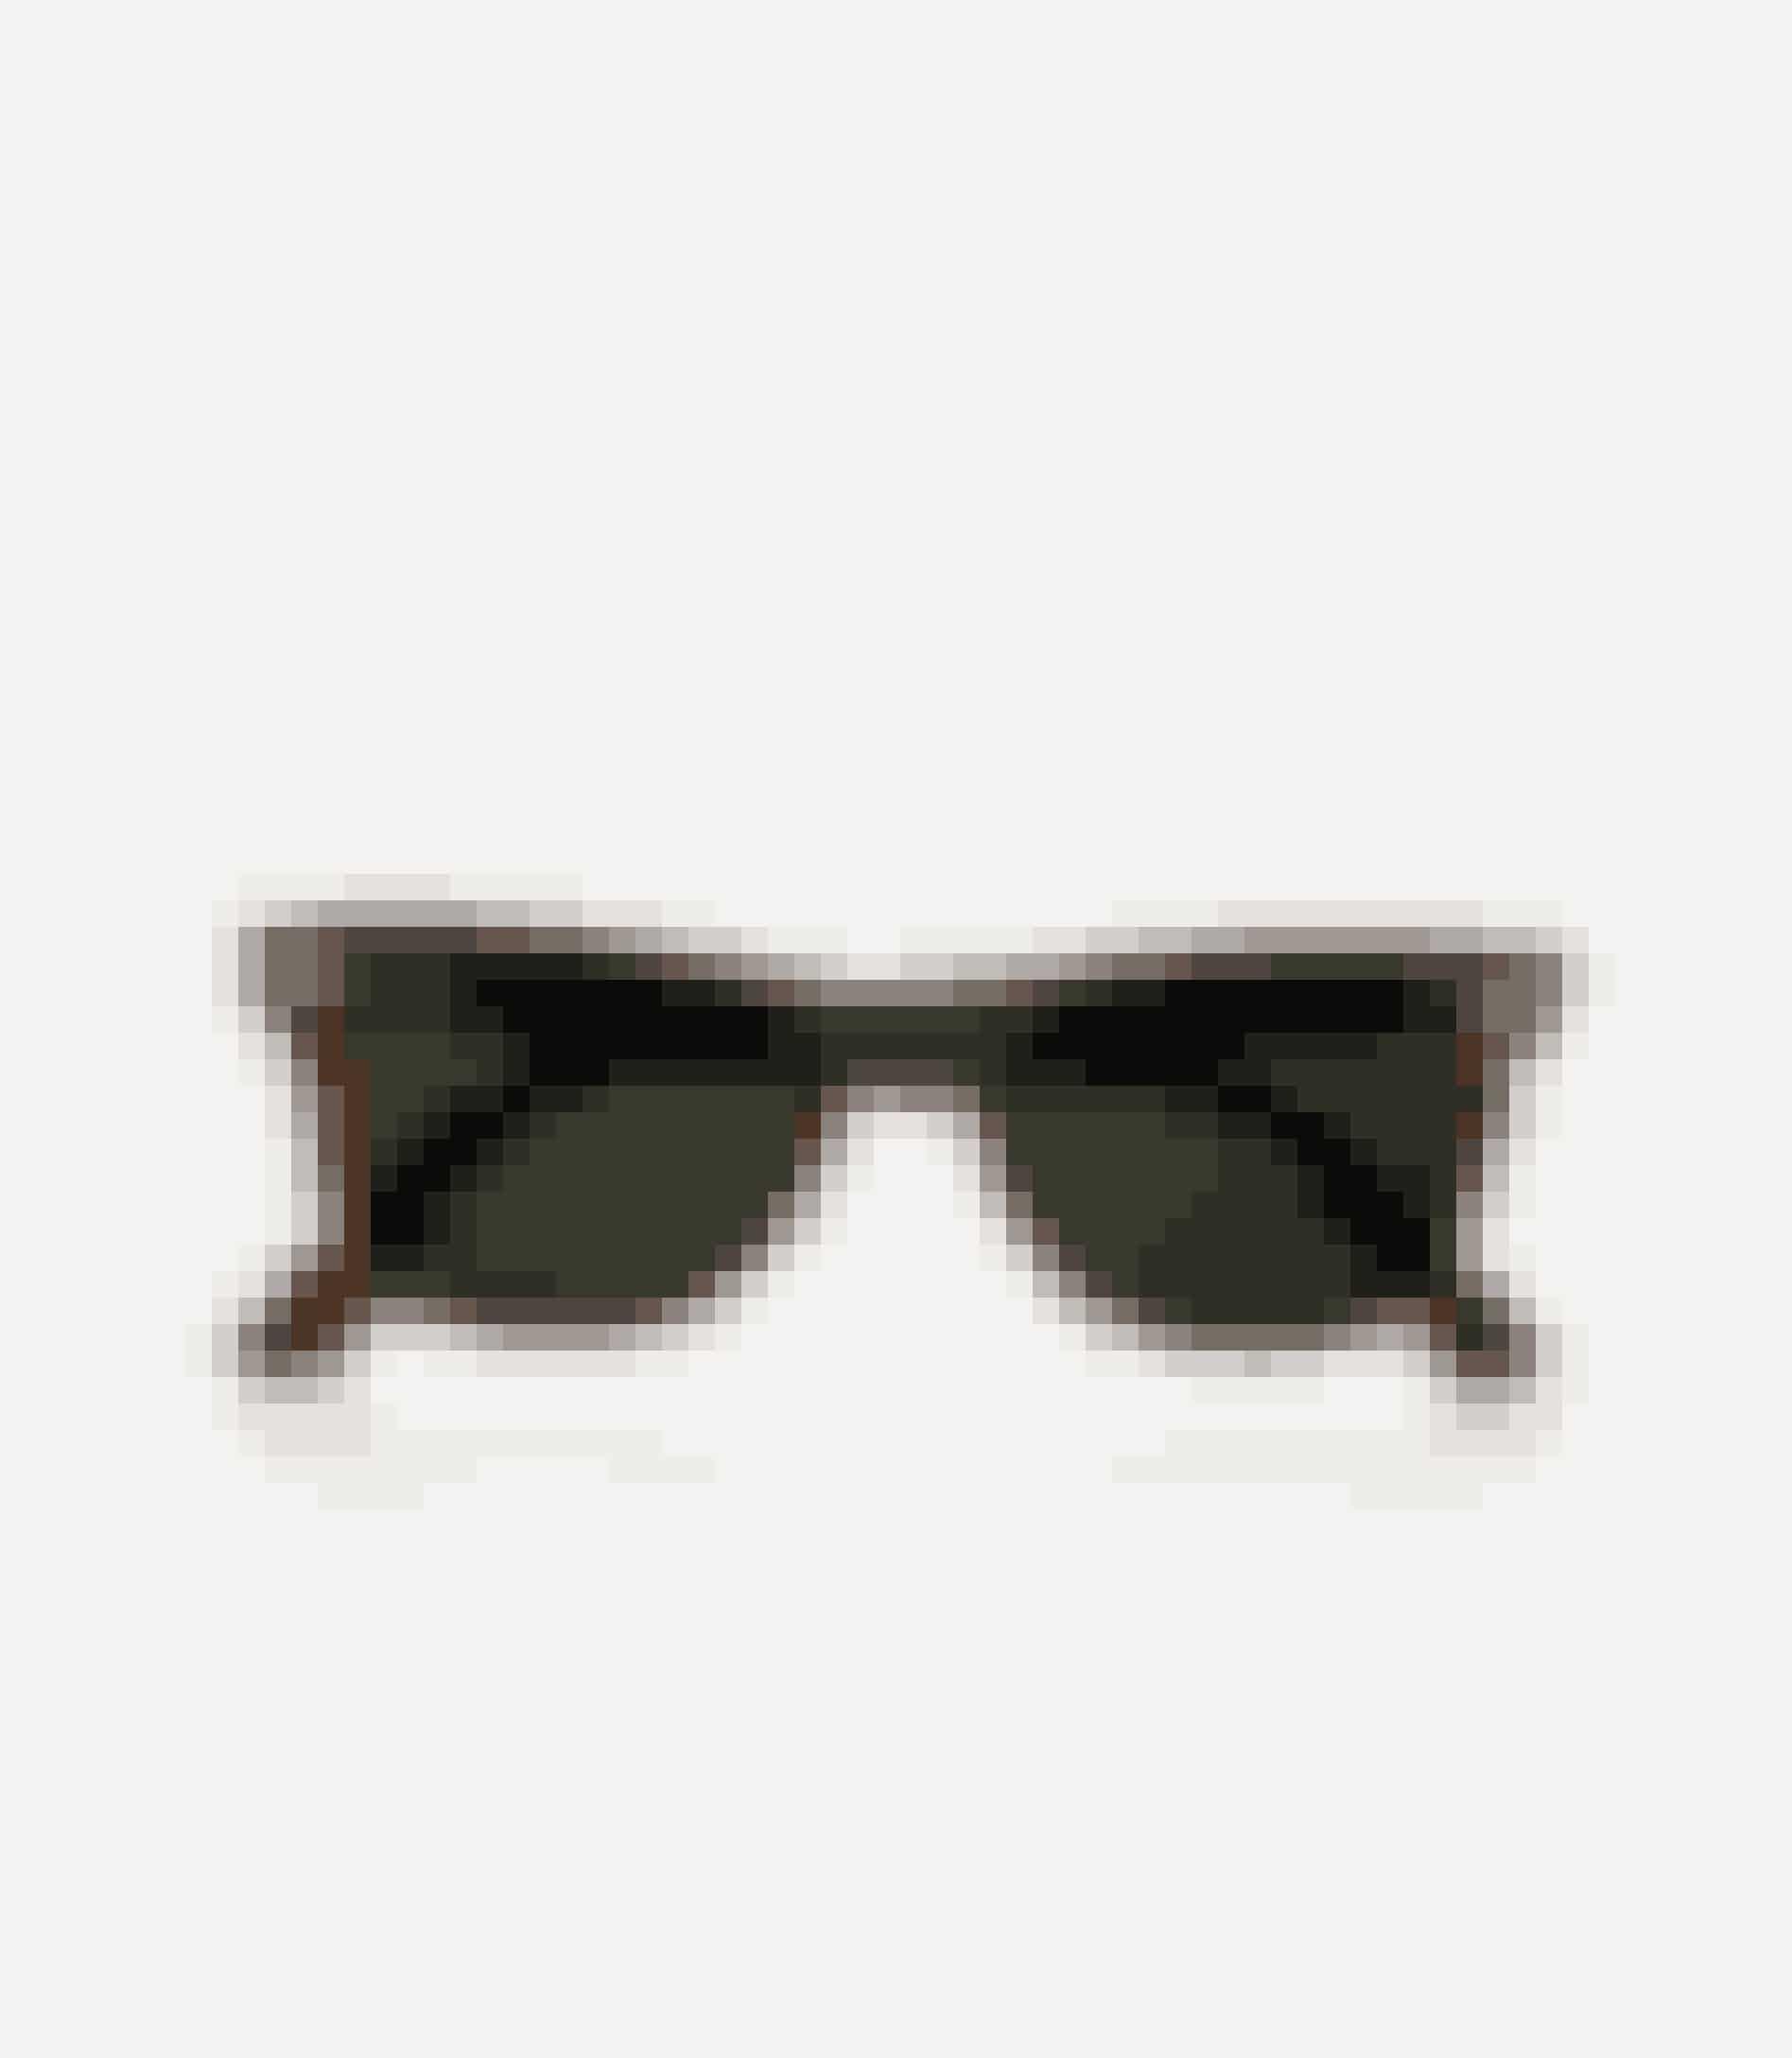 Solbriller, Ray Ban hos Net-a-porter.com 1.040 kr.Køb HER